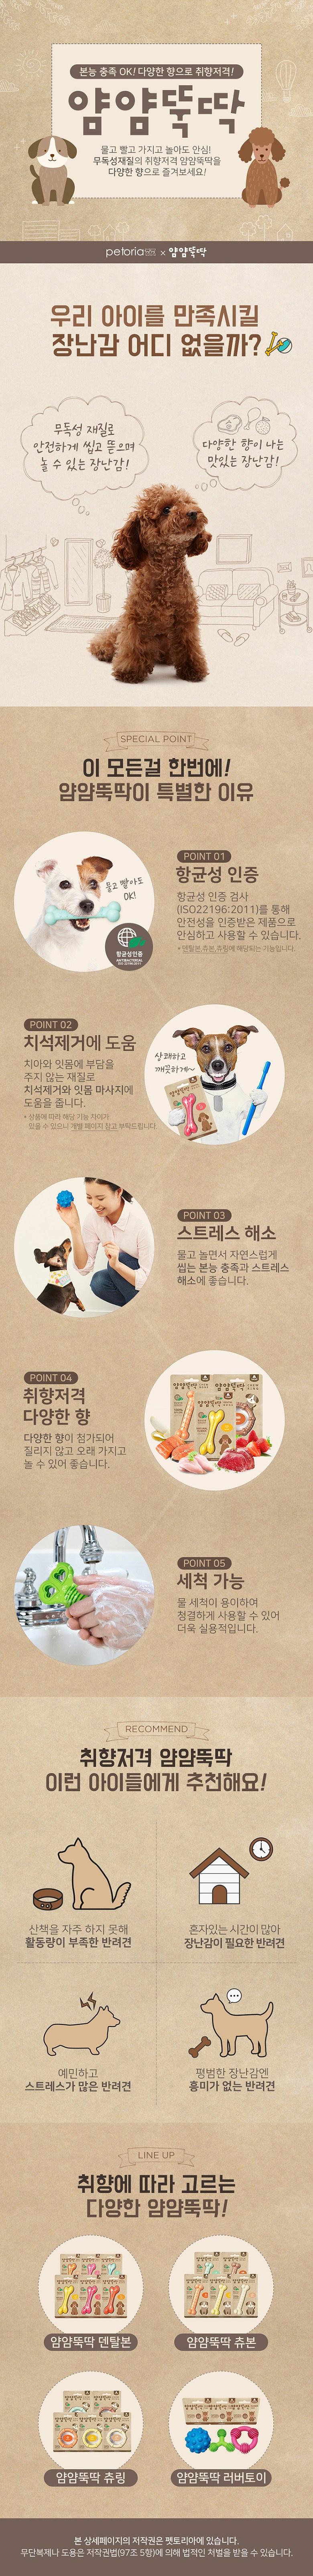 펫토리아 얌얌뚝딱 츄링 S 치즈-상품이미지-1